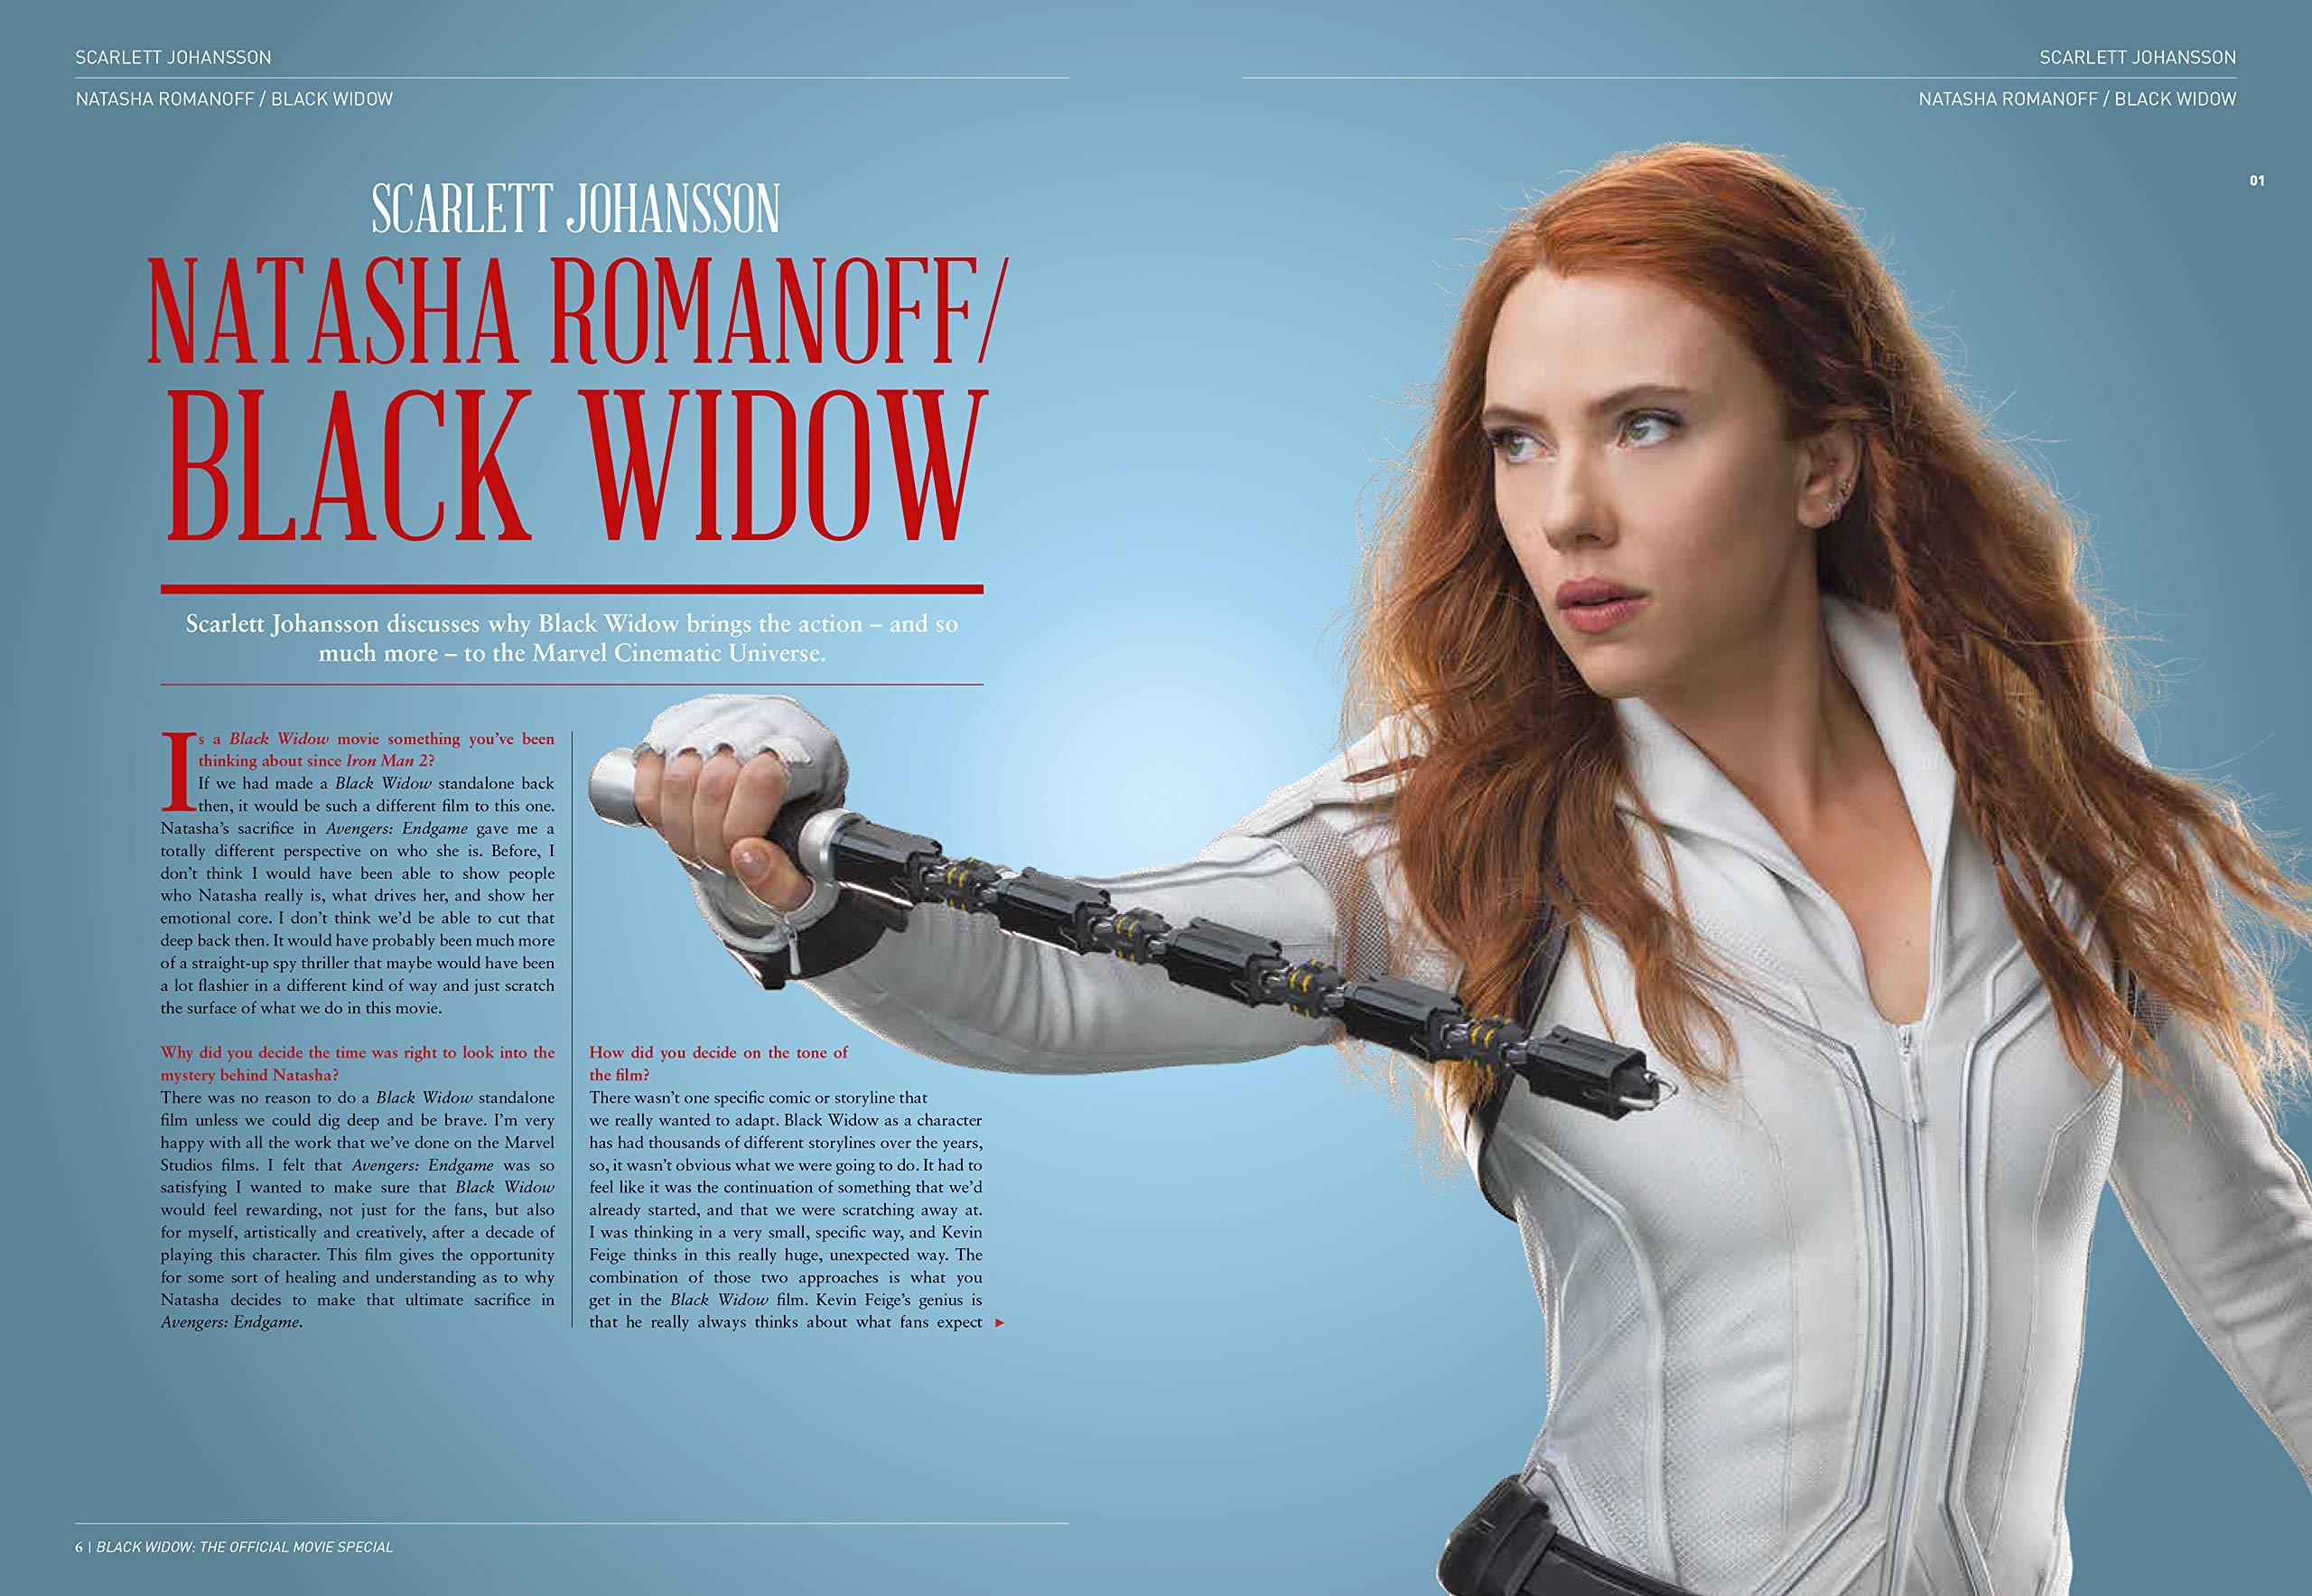 La fin de vie discrète de Black Widow dans Endgame expliquée...